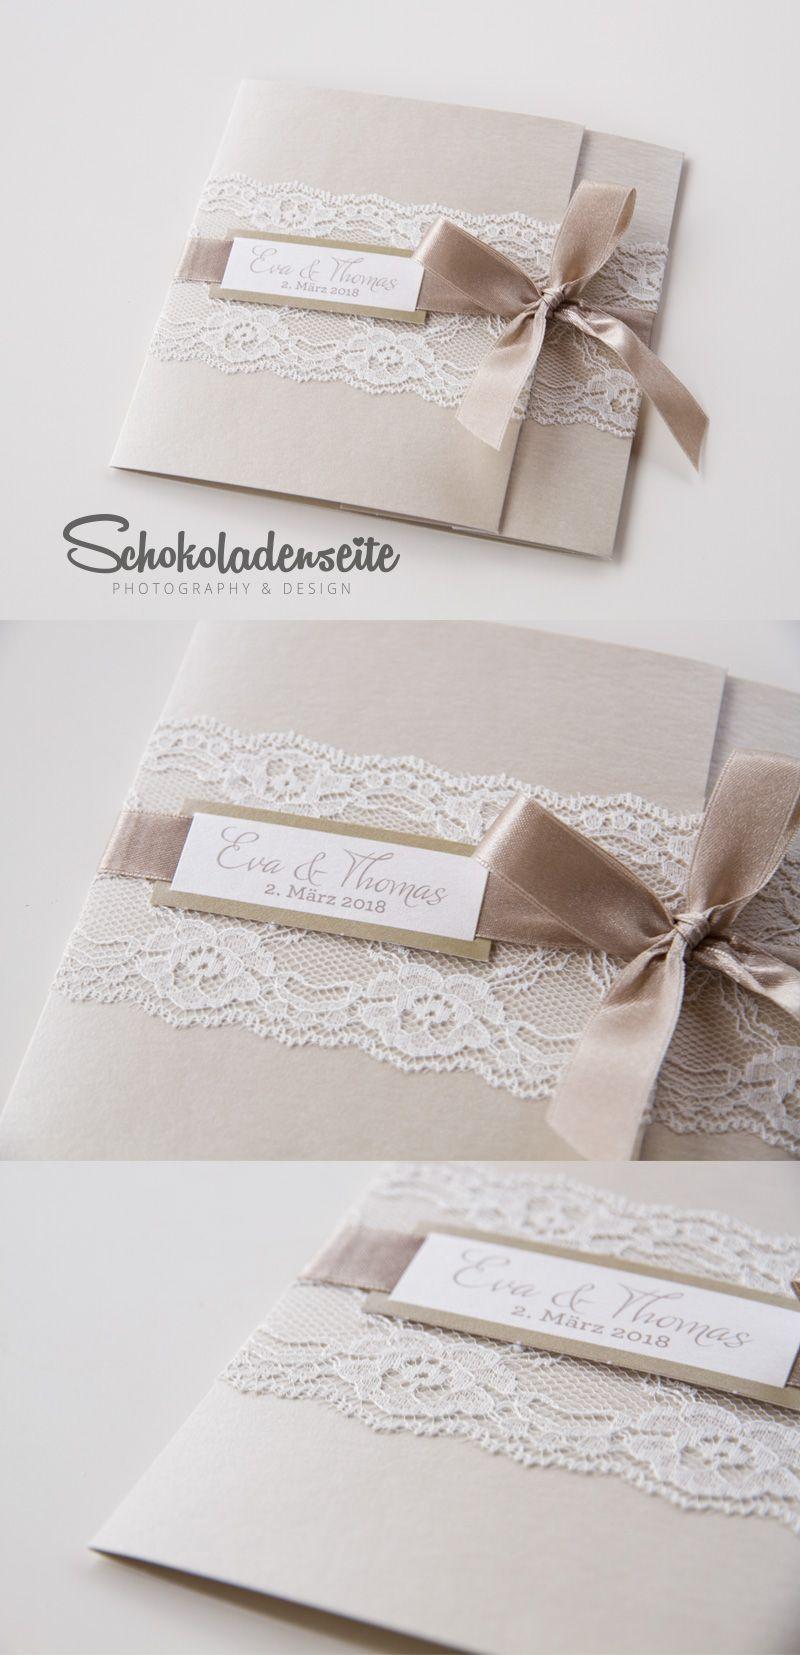 eine edle einladungskarte mit eleganter spitze, exklusivem papier, Einladung